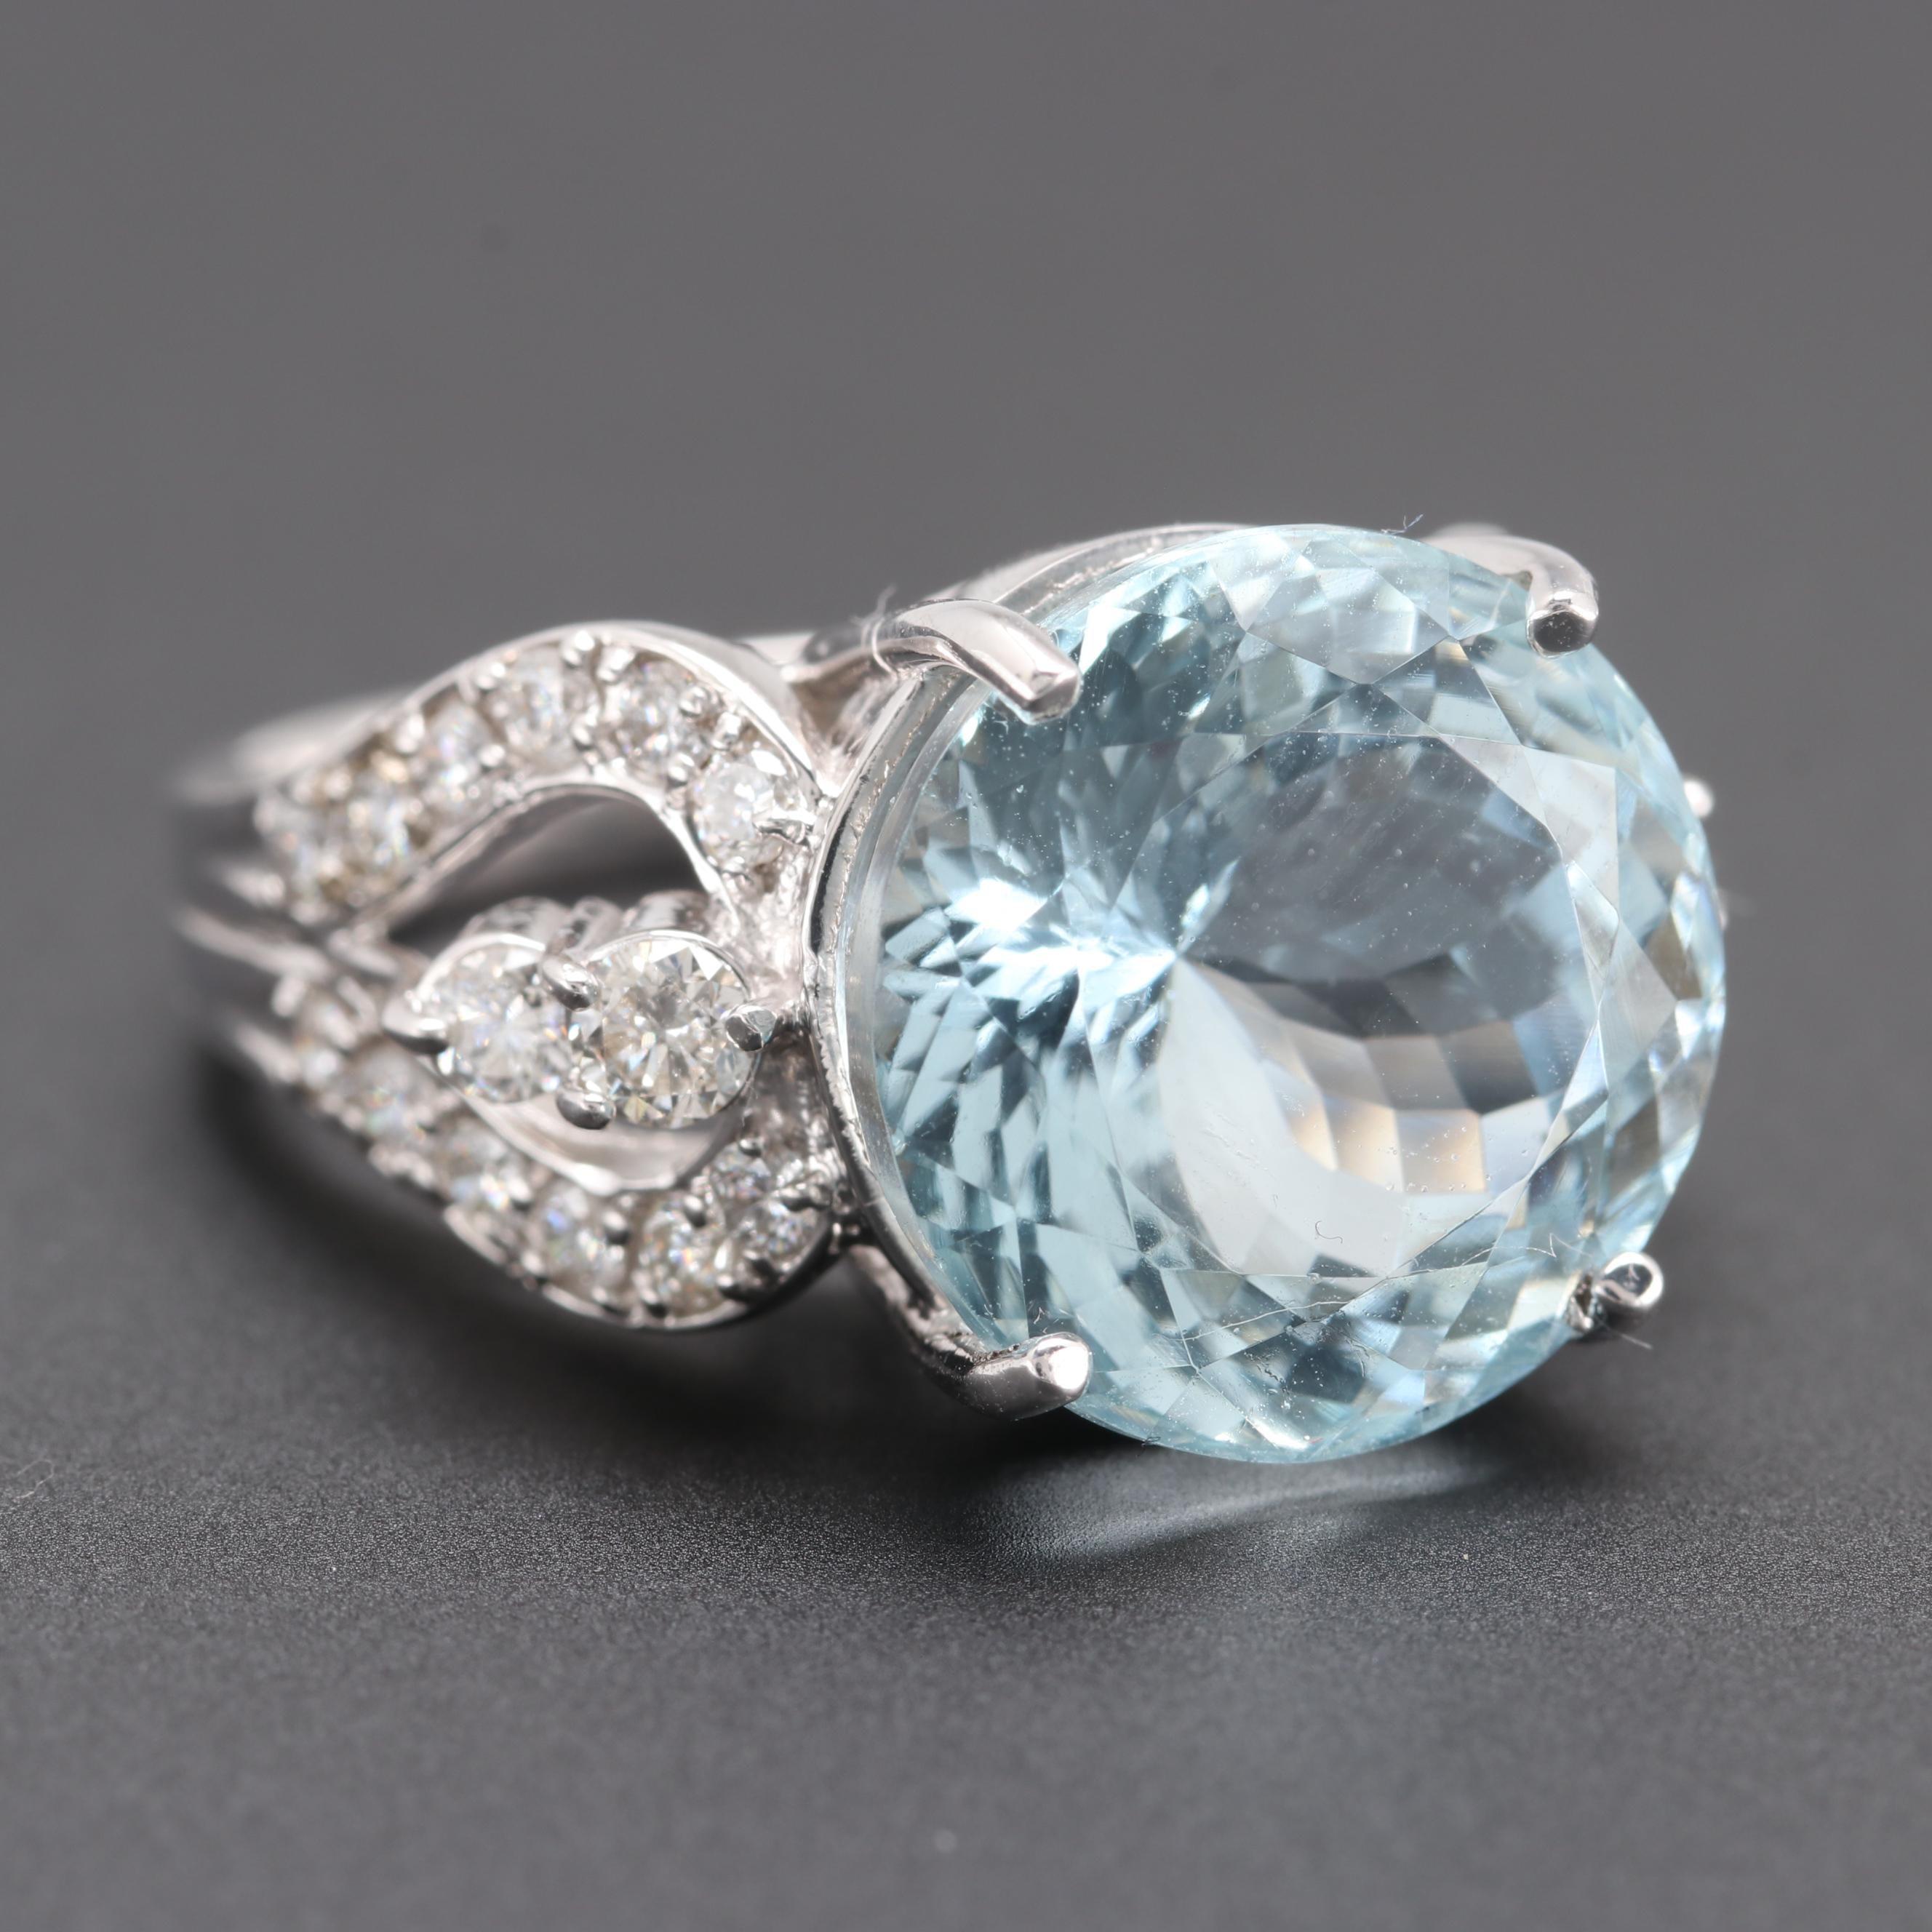 18K White Gold 9.50 CT Aquamarine and Diamond Ring